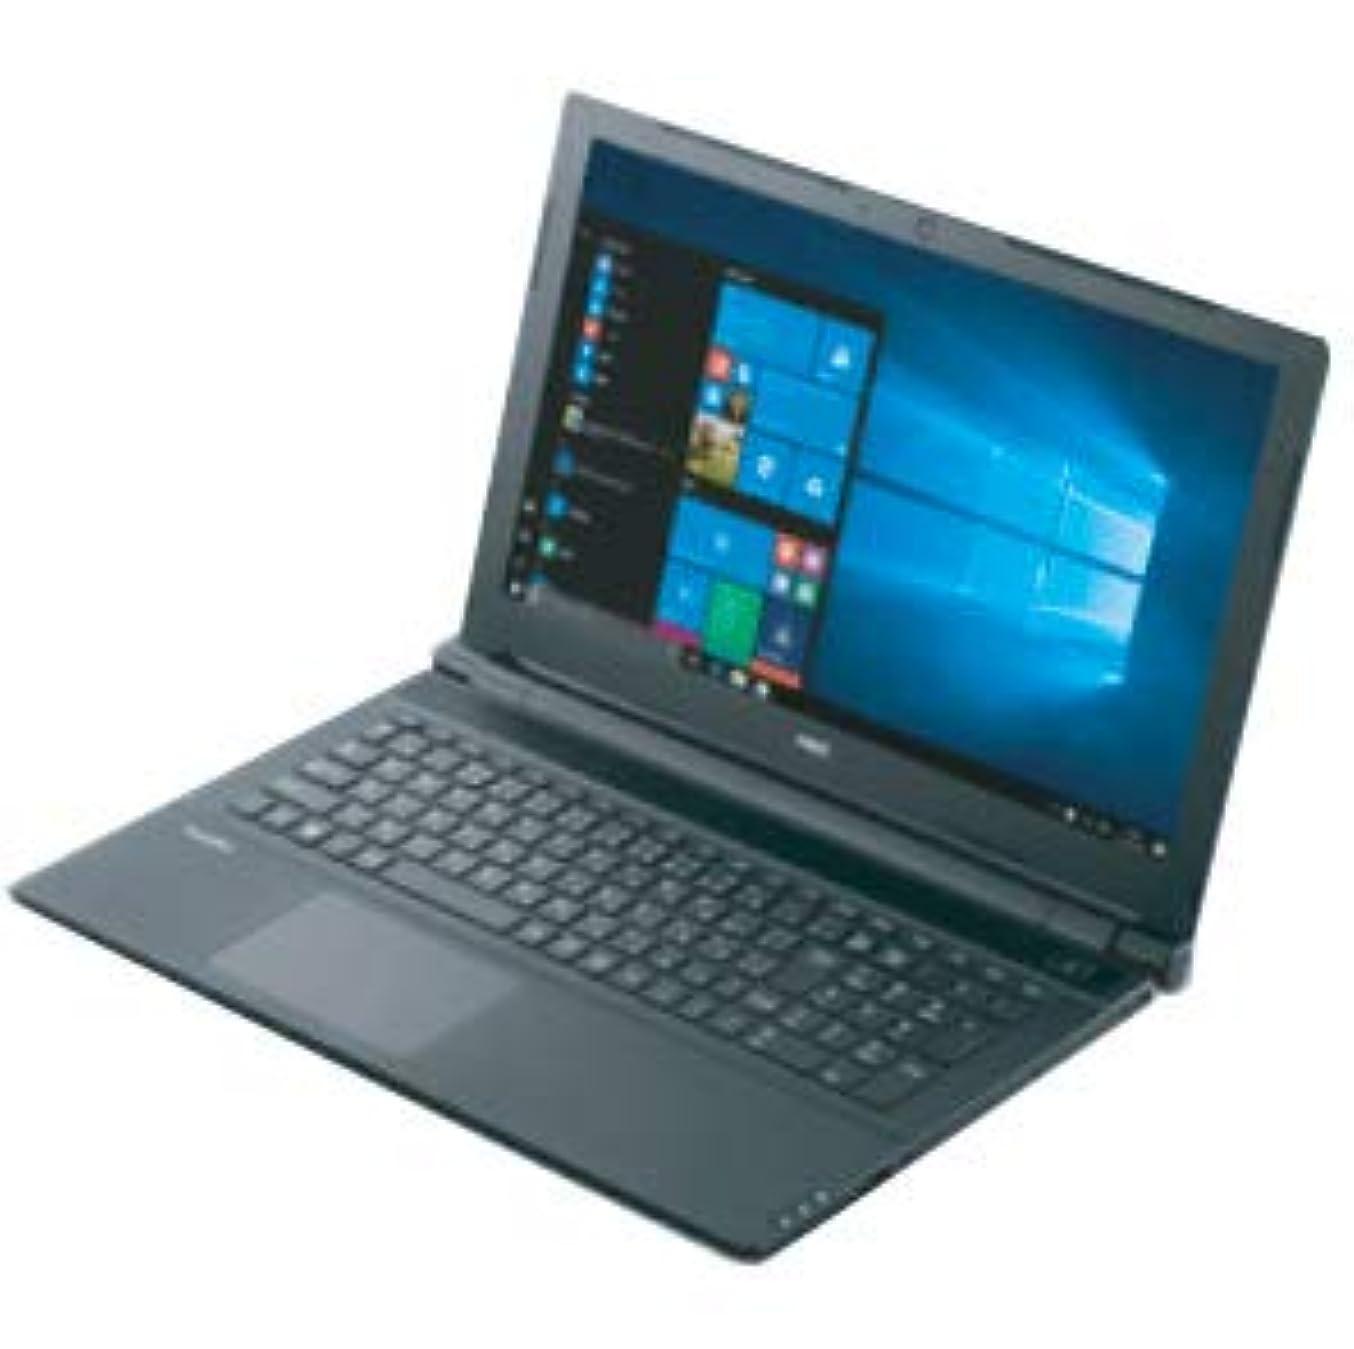 パパ豆腐洪水NEC 15.6型 ノートパソコン VersaPro タイプVF(Core i5/メモリ 4GB/HDD 500GB/Office Personal 2016)【ビジネスモデル】 PC-VKT25FB6S4R3